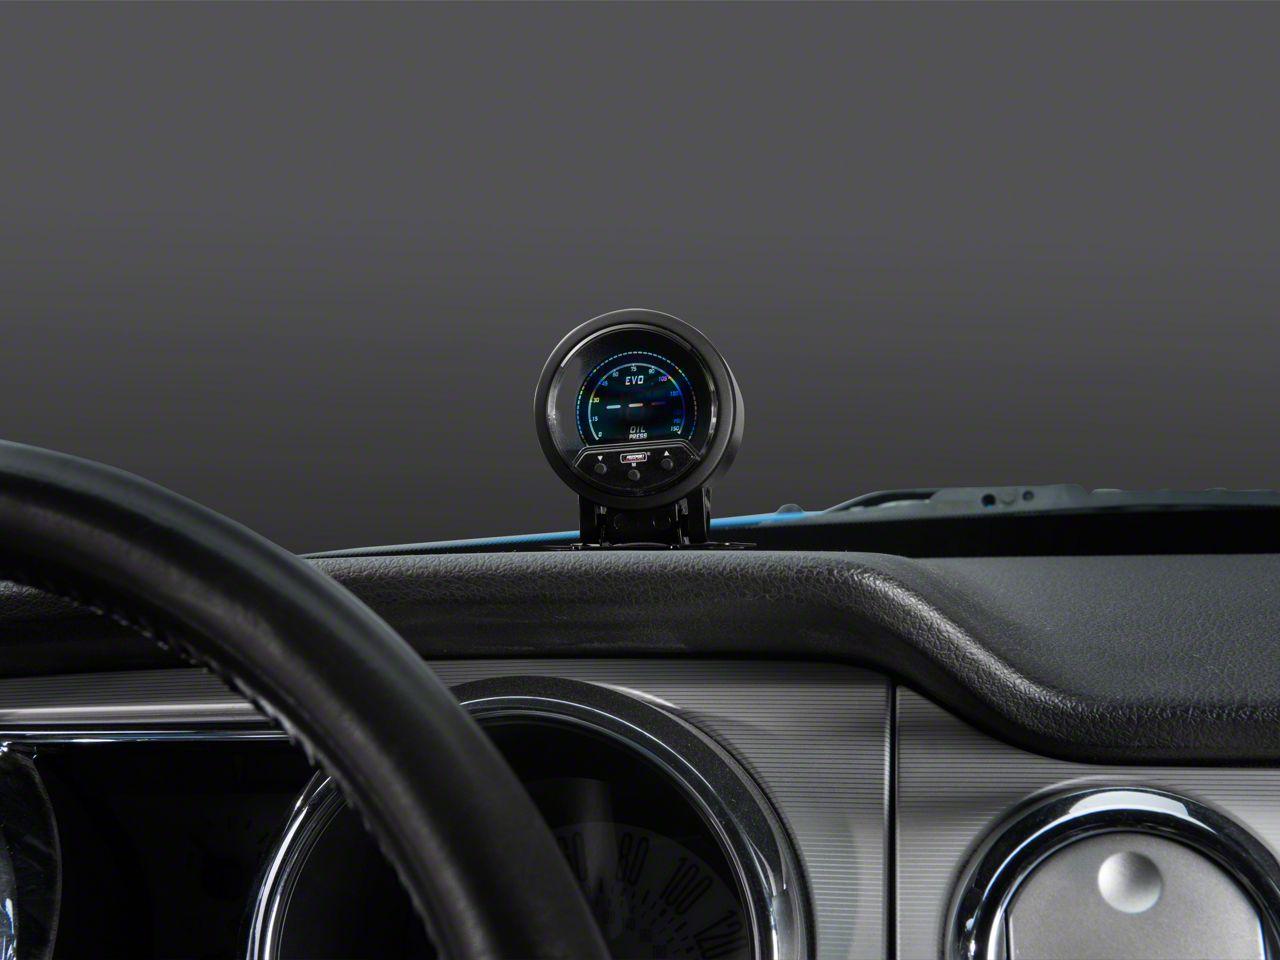 Prosport Premium Evo Oil Pressure Gauge - Electrical (79-19 All)